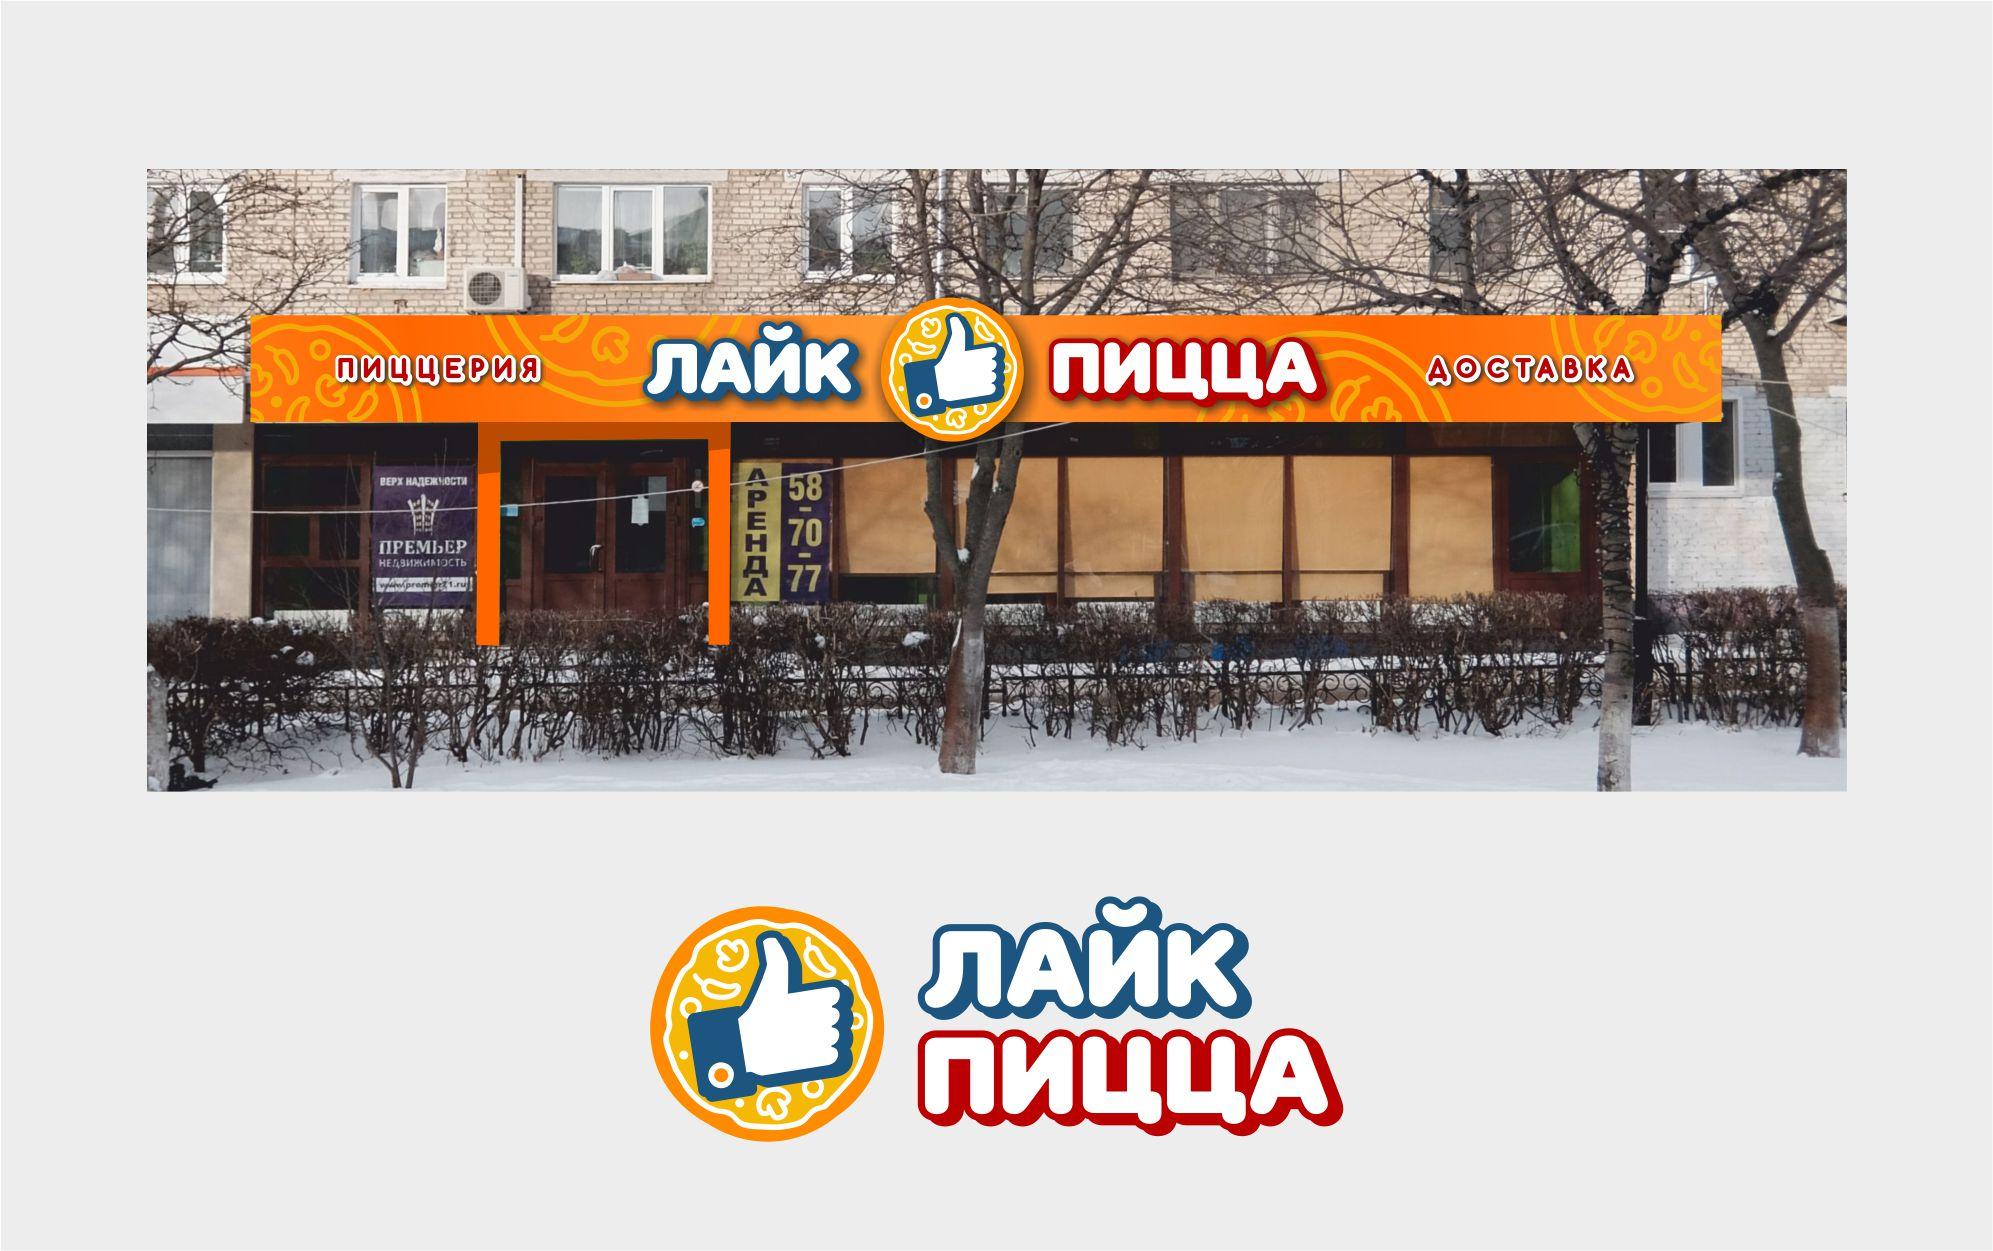 Дизайн уличного козырька с вывеской для пиццерии фото f_671587212e4eb770.jpg